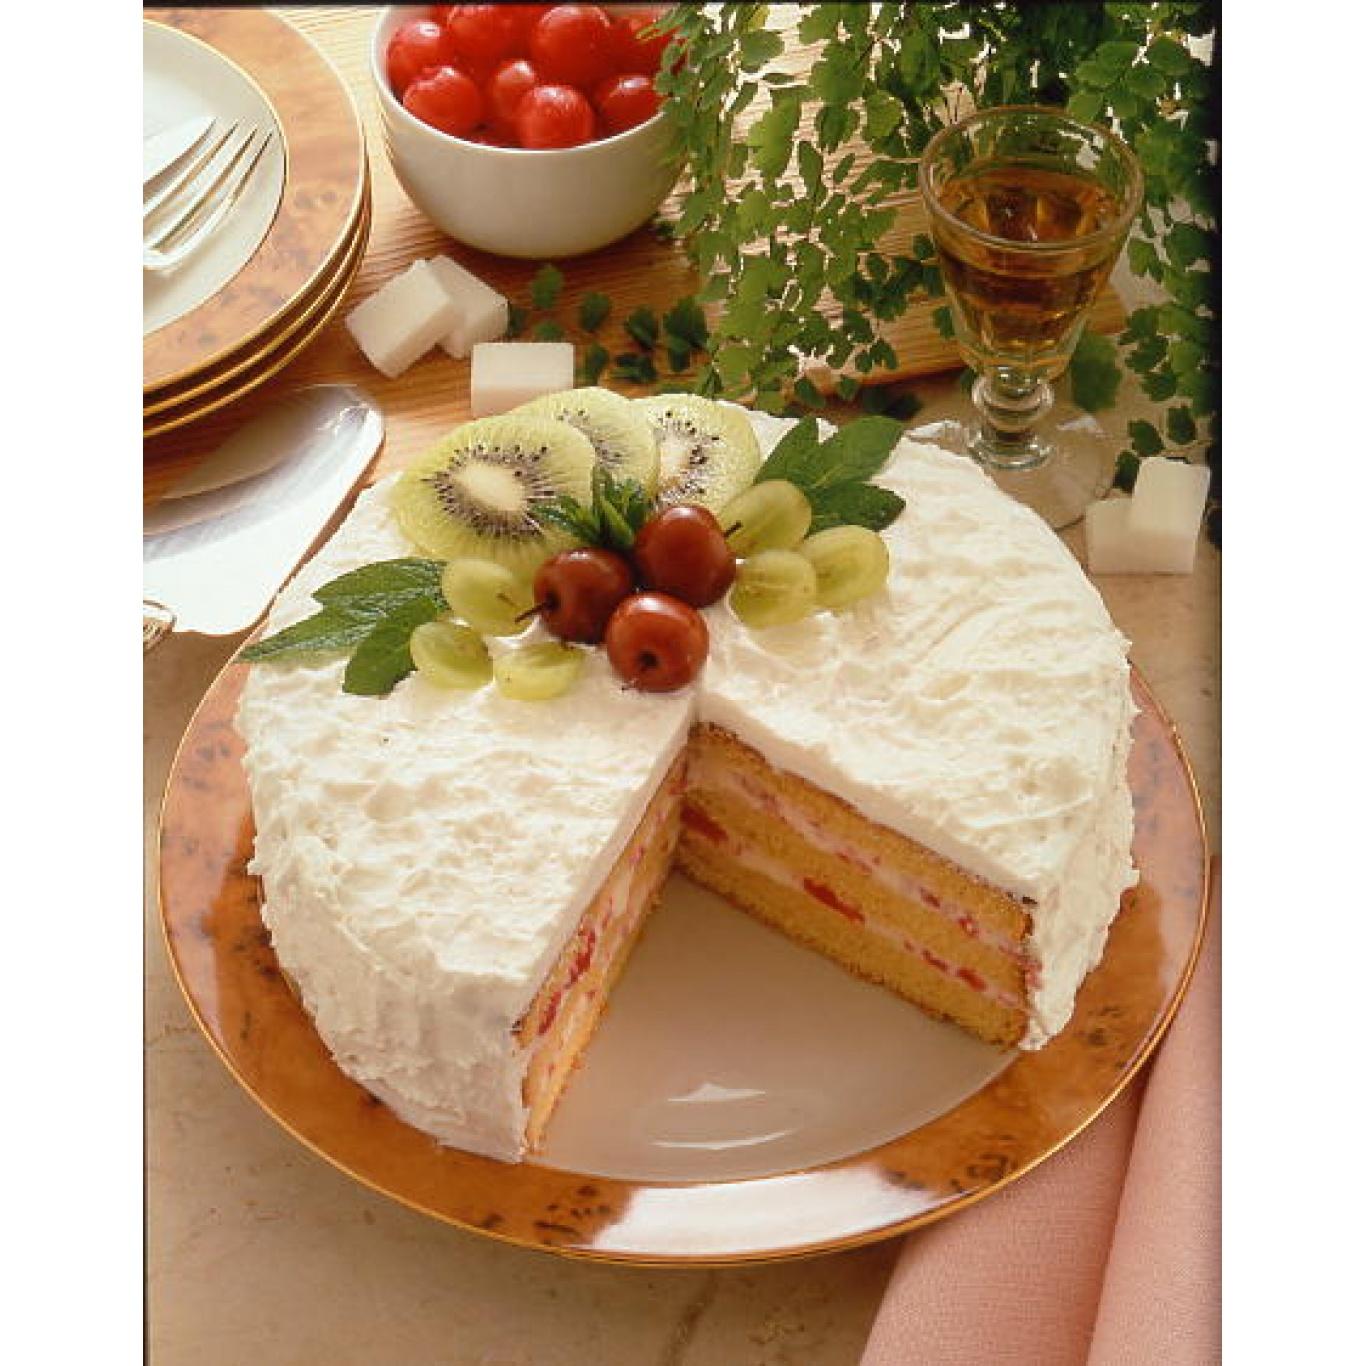 Silverwood Round Cake Pan Loose Base 9ins/23cm